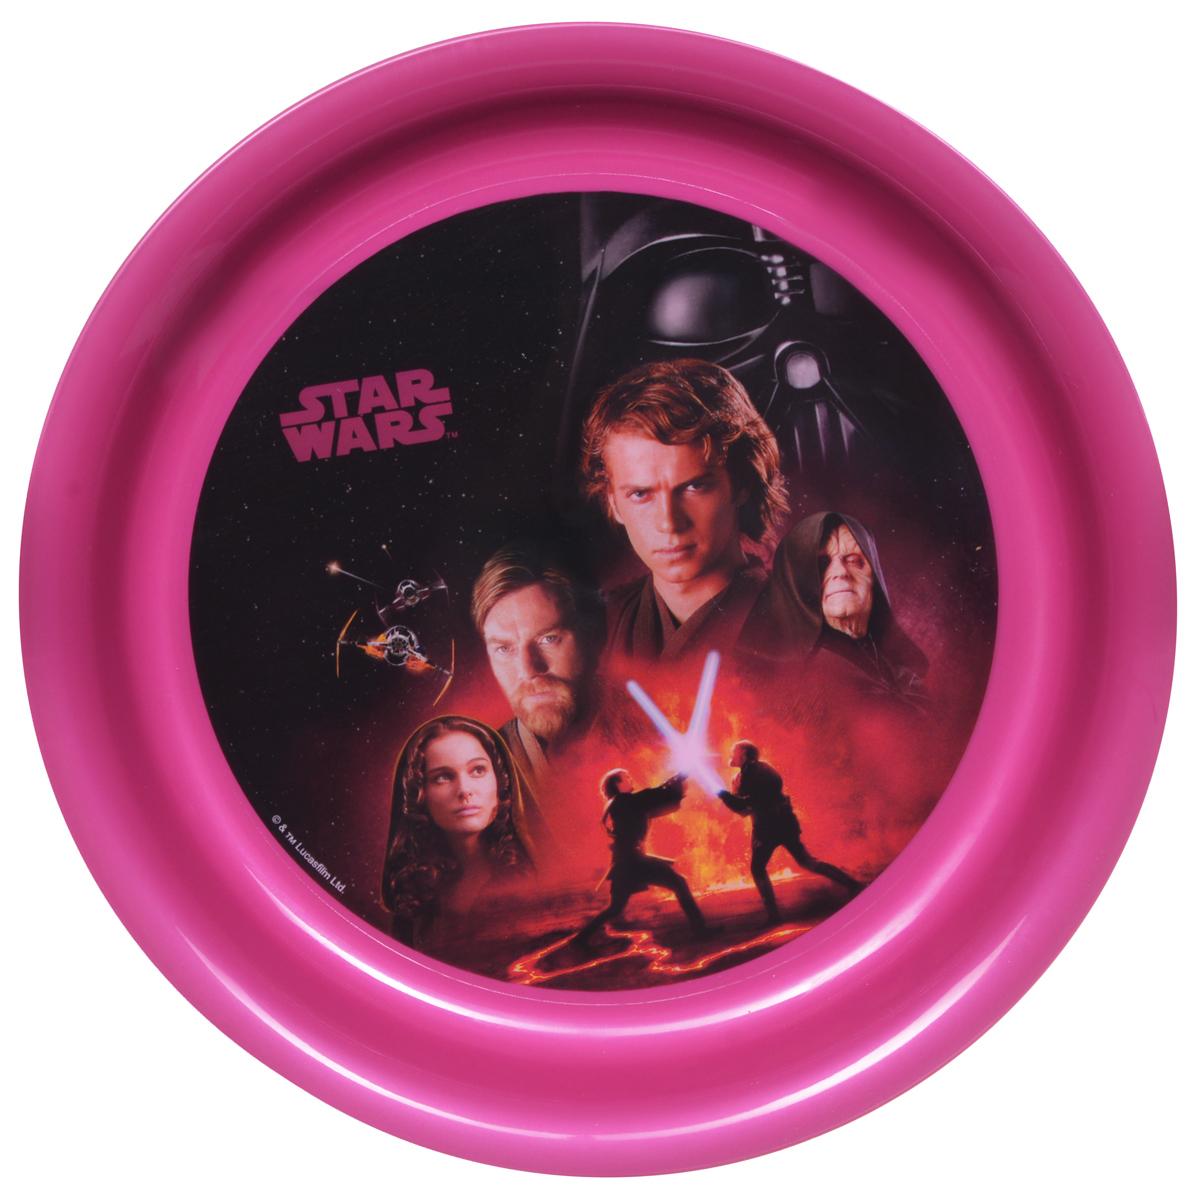 Star Wars Тарелка детская диаметр 19 см4/412_розовый/котДетская тарелка Star Wars станет отличным подарком для любого фаната знаменитой саги. Она выполнена из полипропилена и оформлена рисунком с изображением героев фильма Звездные войны. Диаметр тарелки: 19 см. Не подходит для использования в посудомоечной машине и СВЧ-печи.